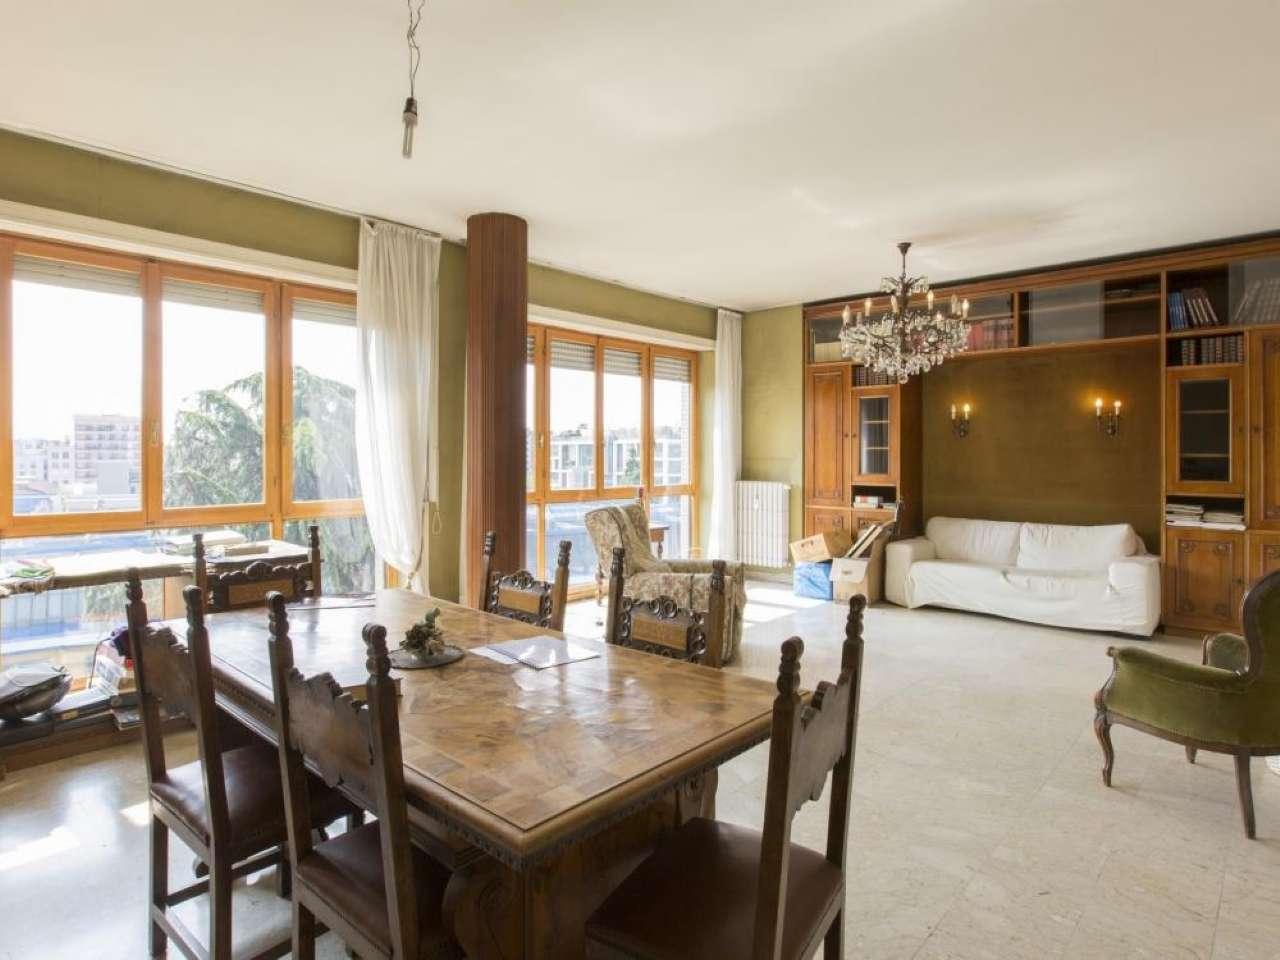 Appartamento in vendita a Milano, 5 locali, zona Zona: 10 . P.ta Genova, Romolo, Solari, Savona, Tortona, prezzo € 900.000 | Cambio Casa.it